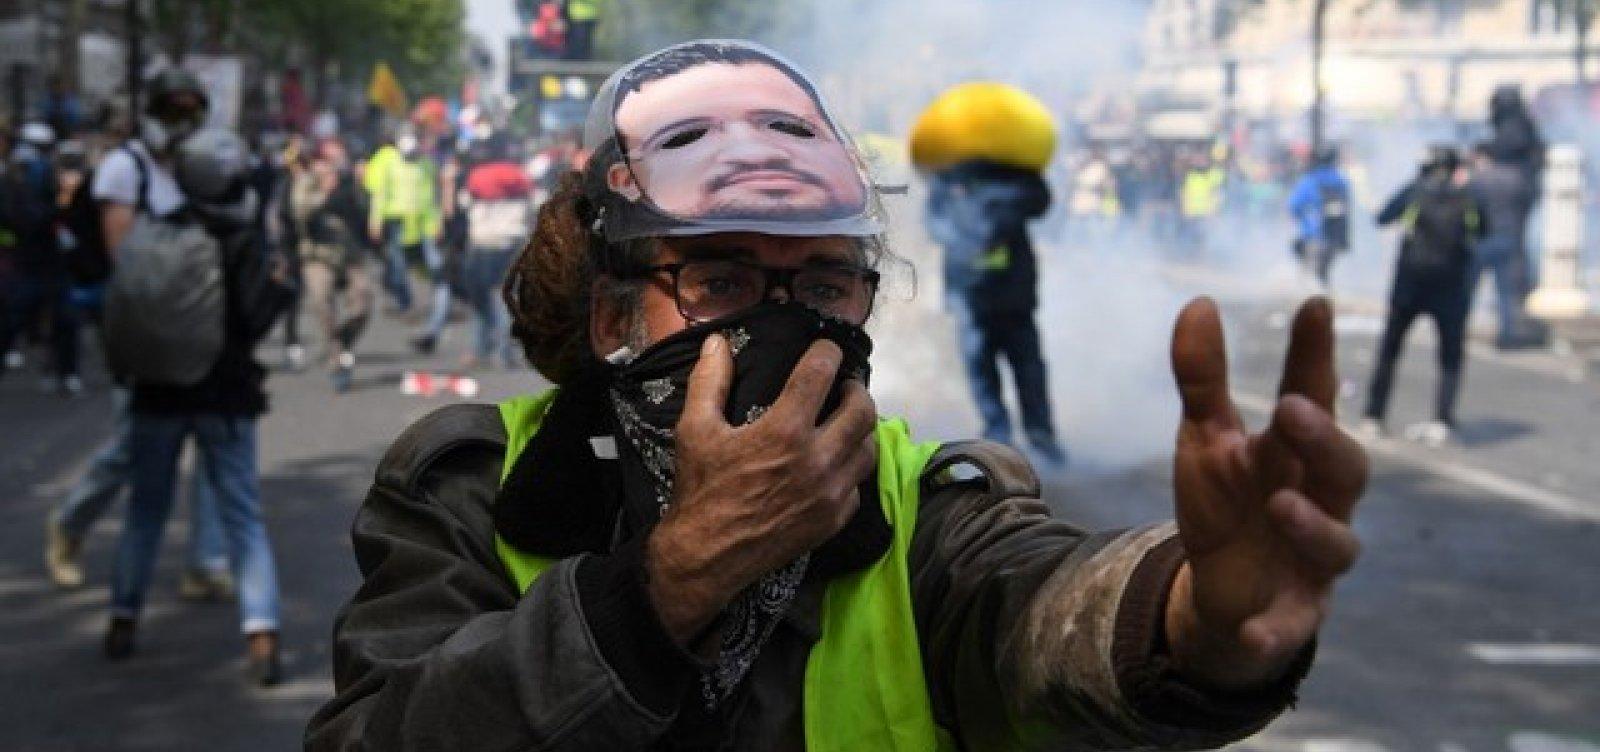 Protesto dos coletes amarelos no Dia do Trabalho tem confronto com a polícia em Paris